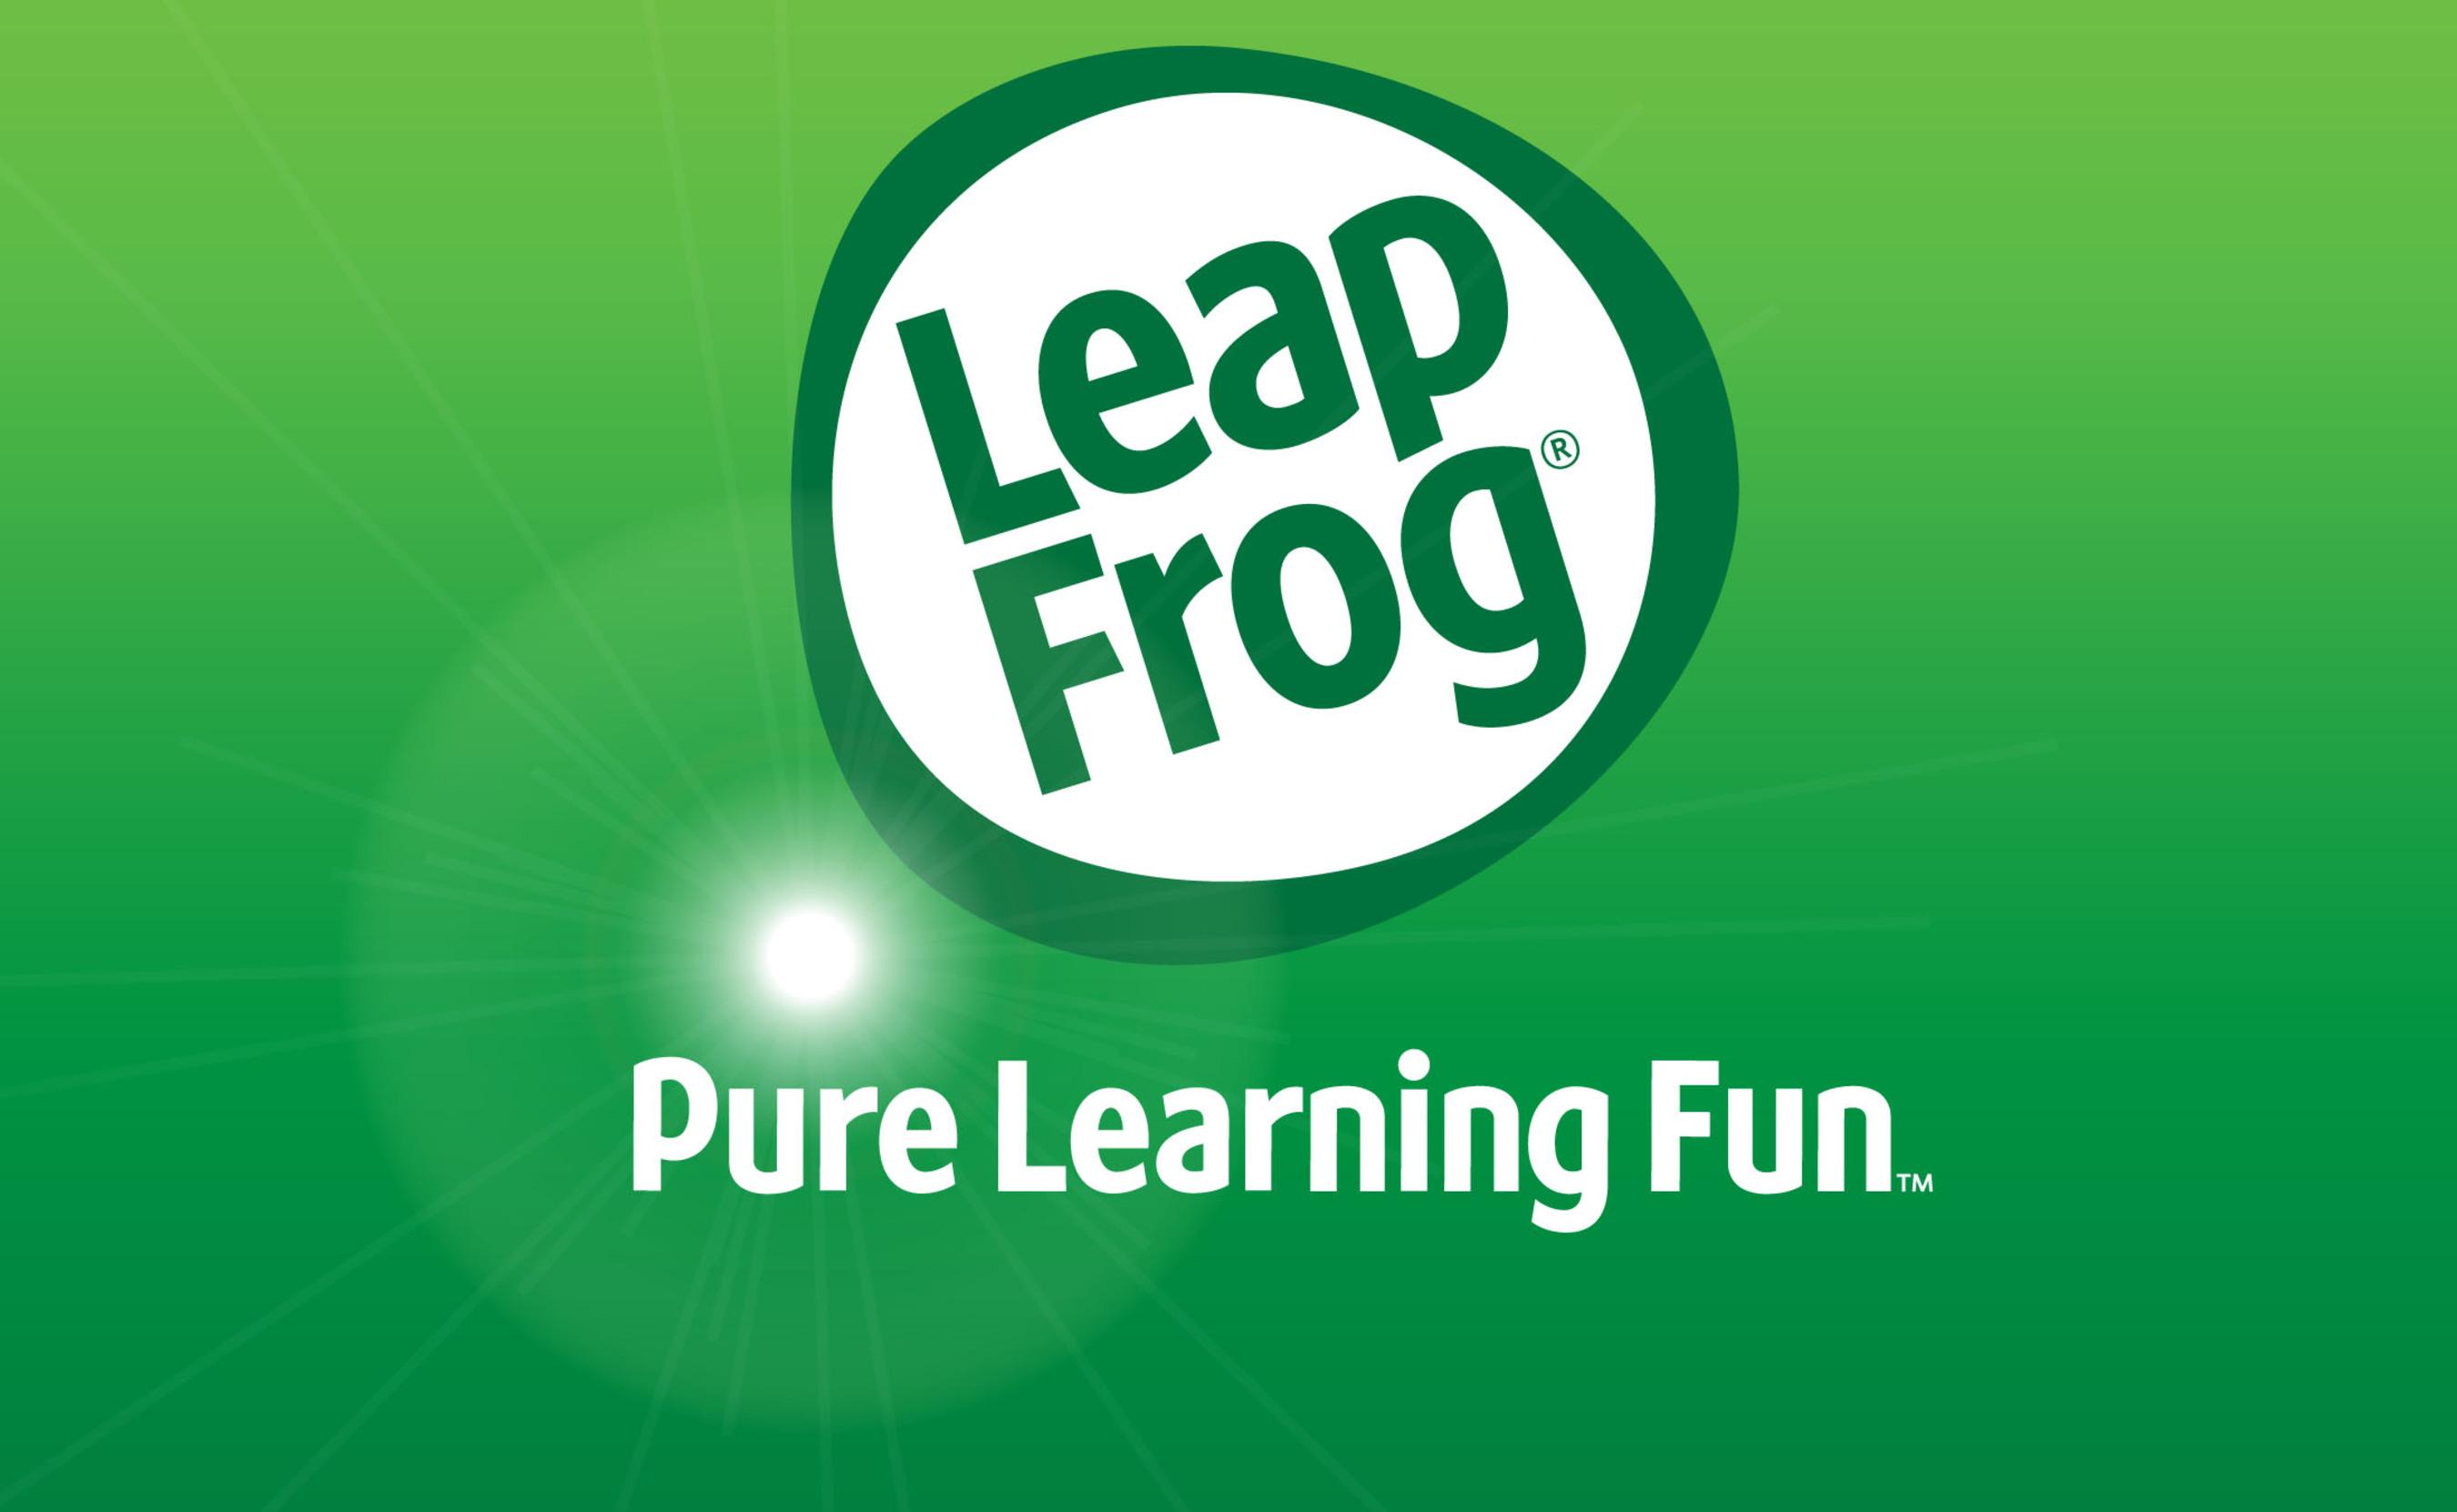 LeapFrog Enterprises Inc. logo.